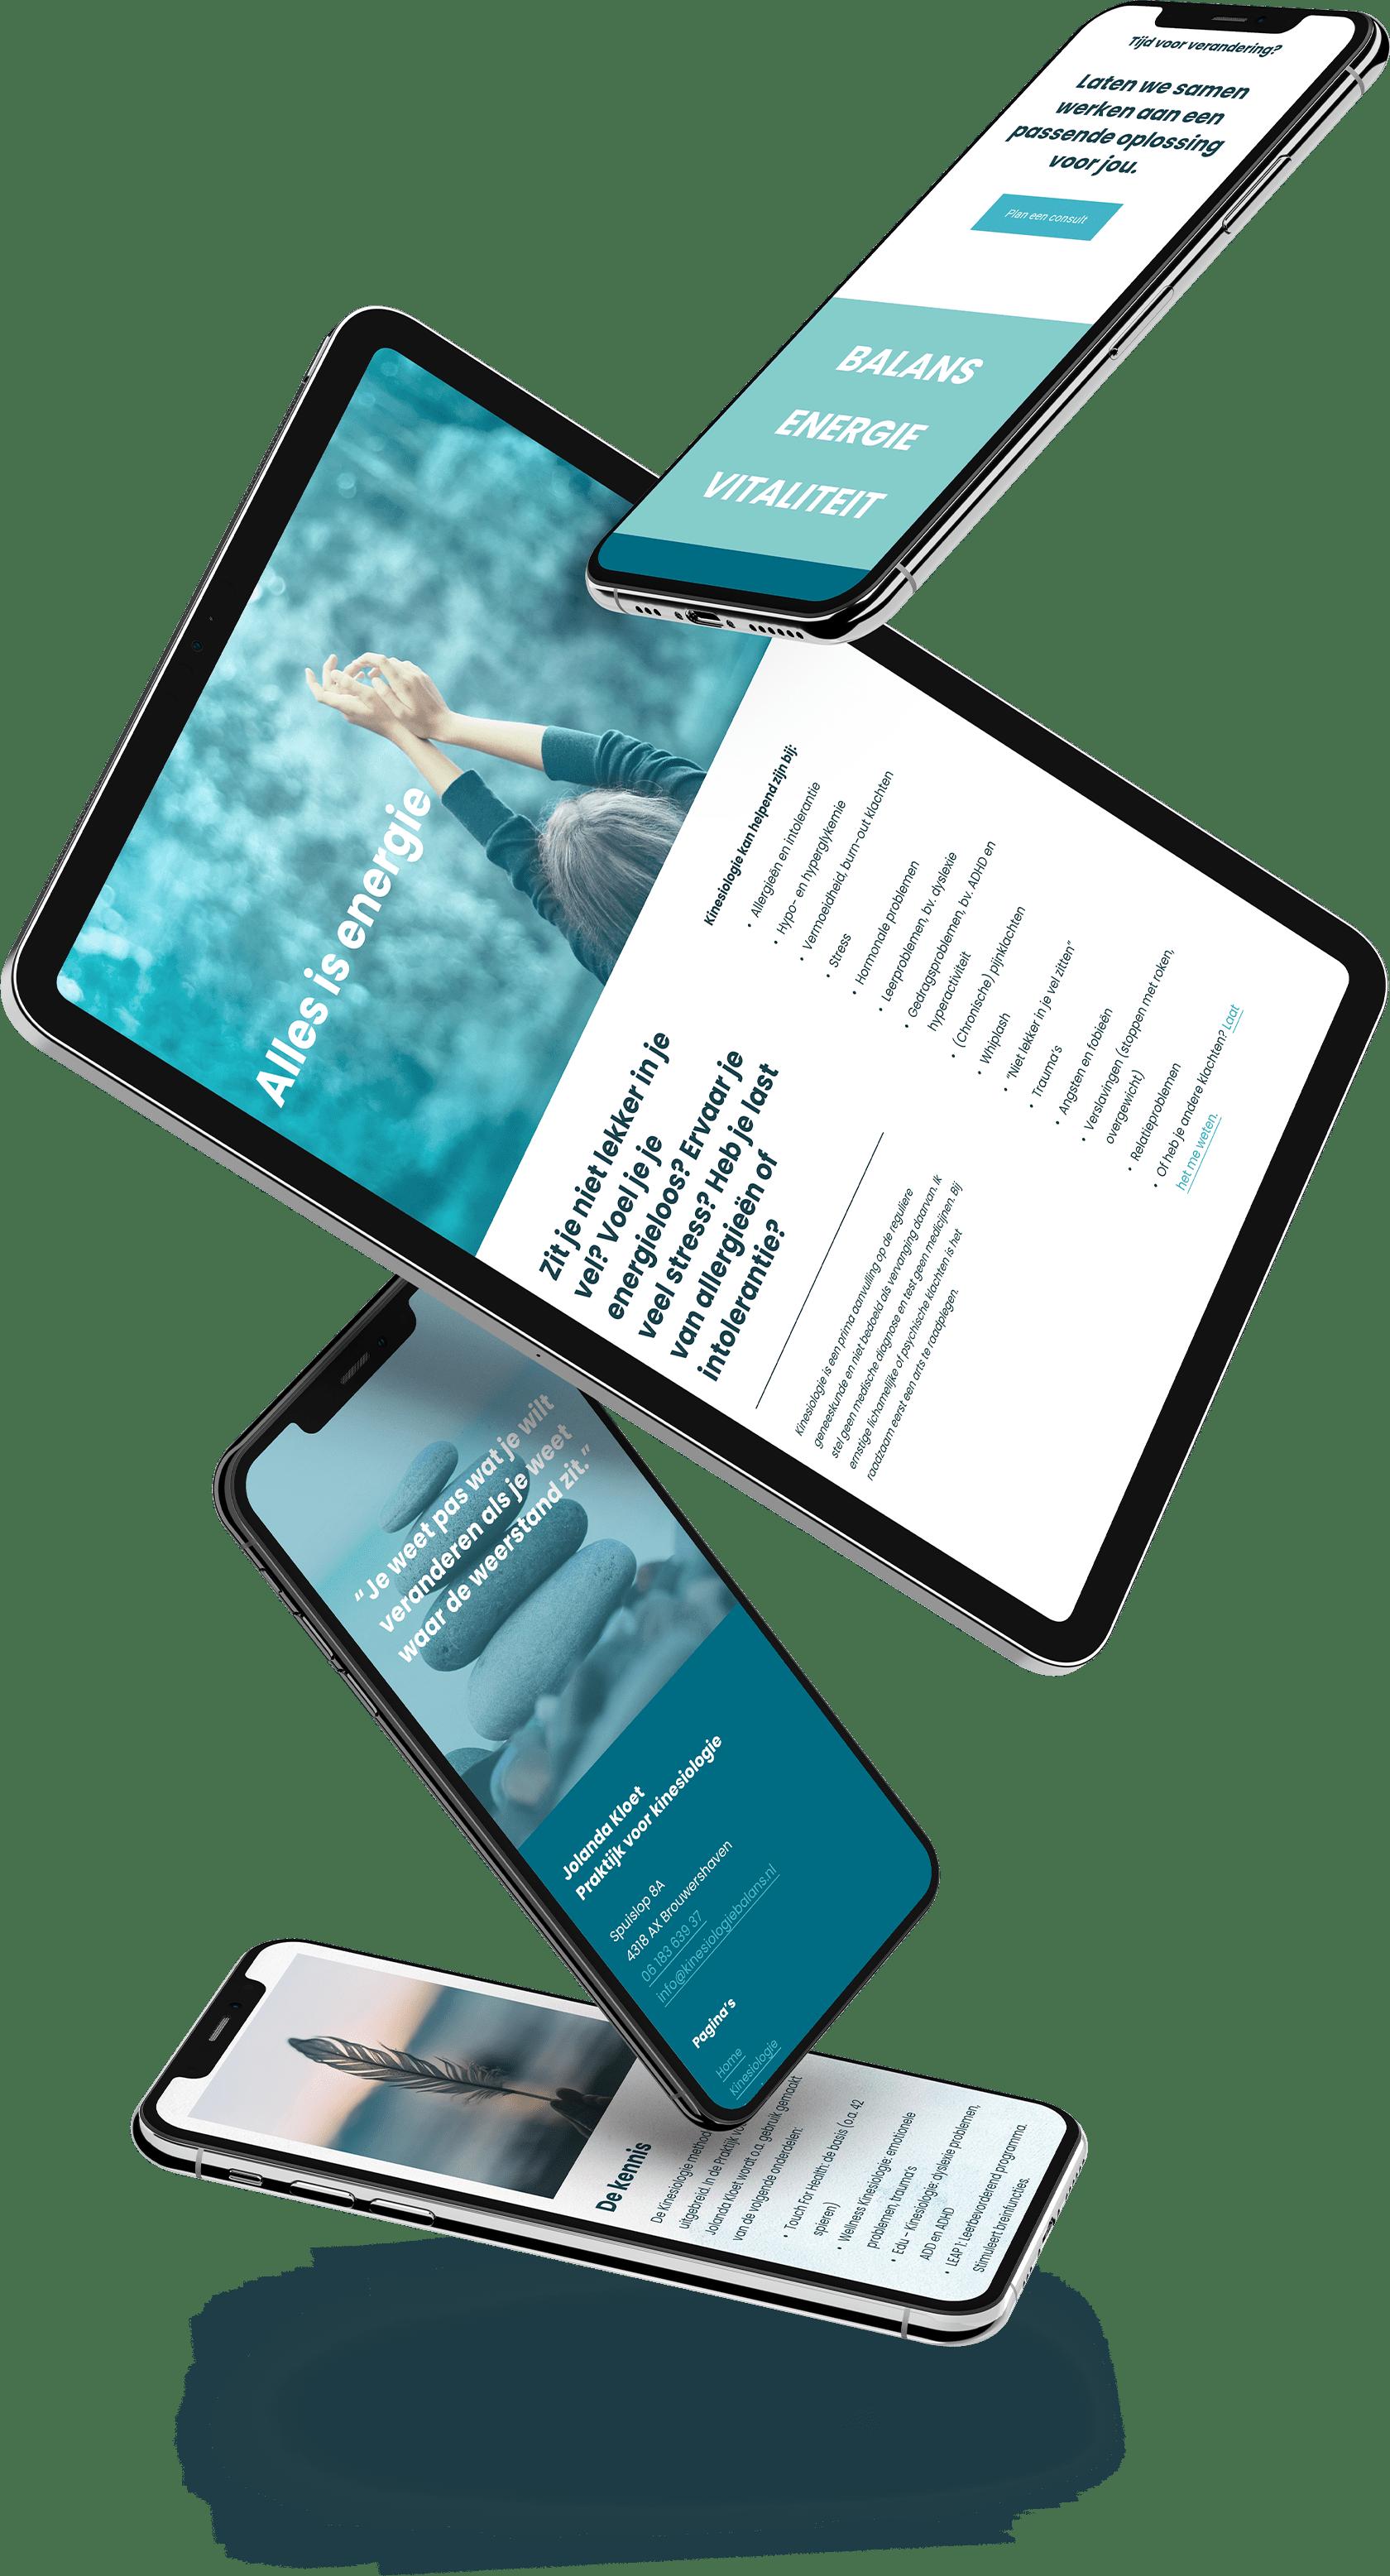 Website ontwerp op mobiel en tablet variant voor Jolanda Kloet